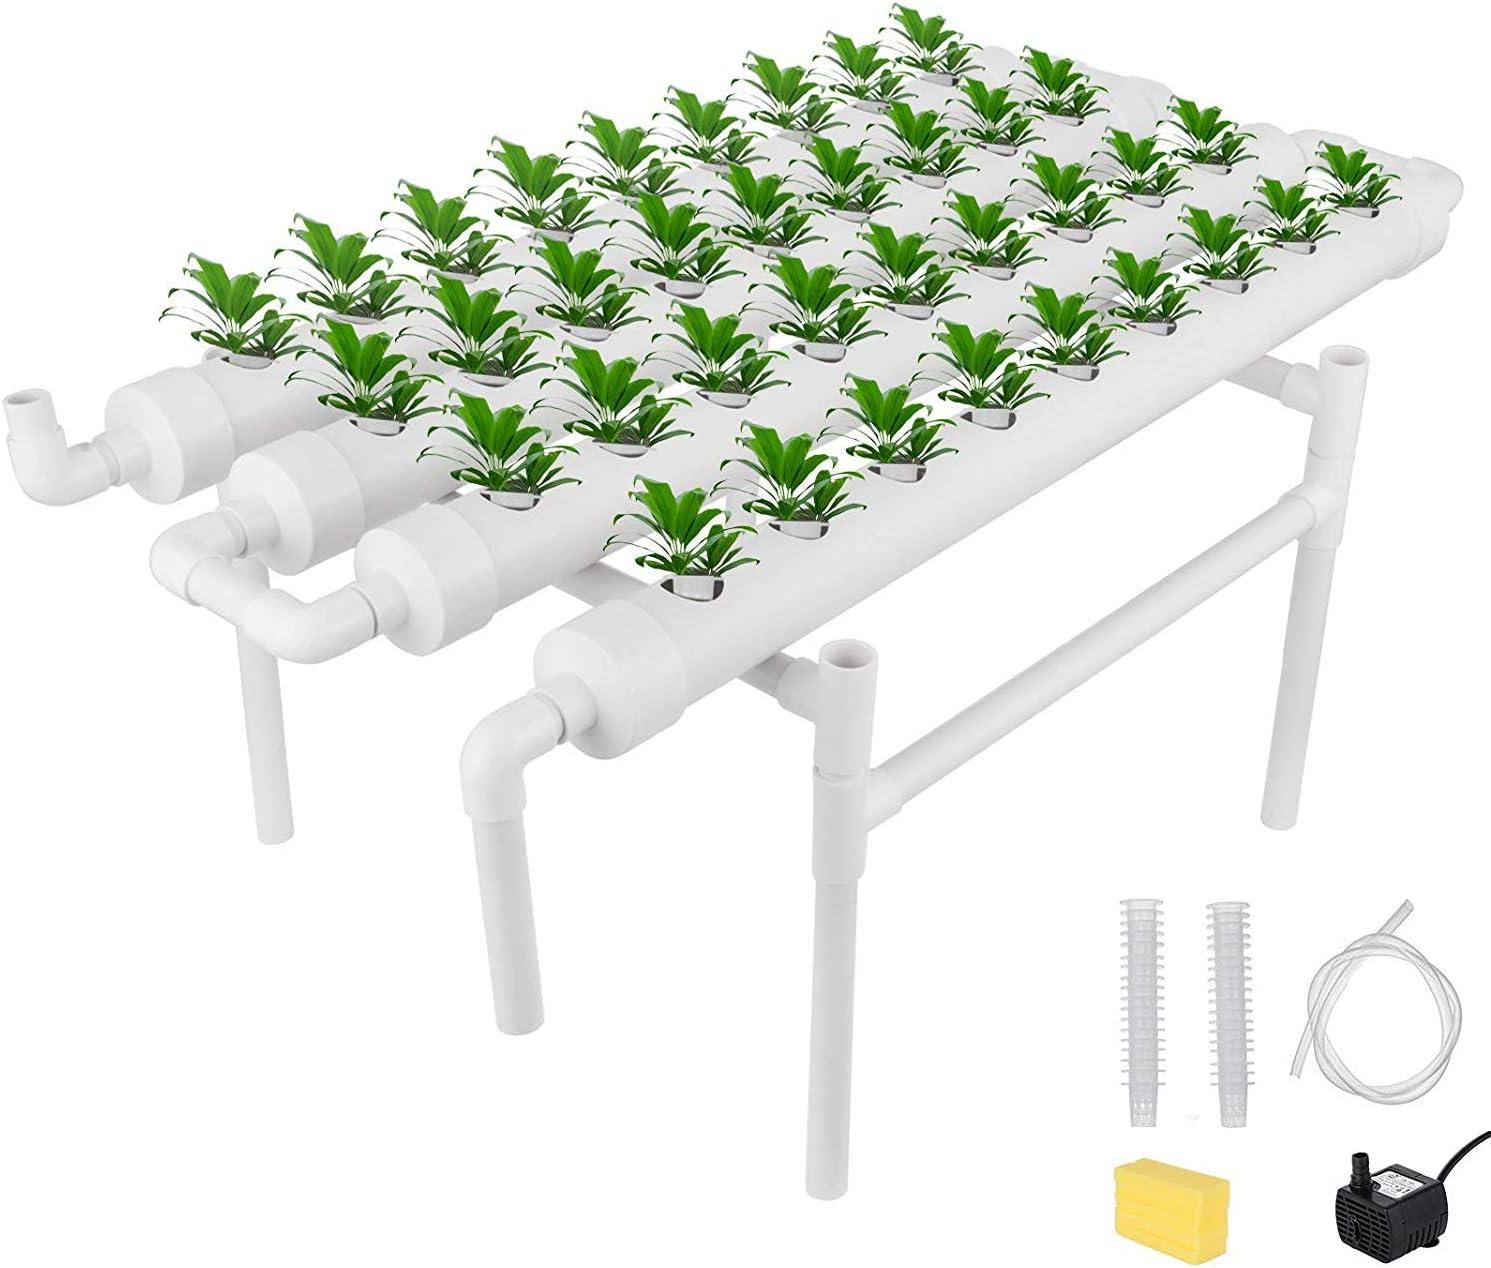 TOPQSC Hidropónico crecen Kit de 36 sitios de plantación hidropónica 4 Tubos Equipt sin suelo Cultivo Ebb profundo del flujo de agua de cultivo hidropónico Growin